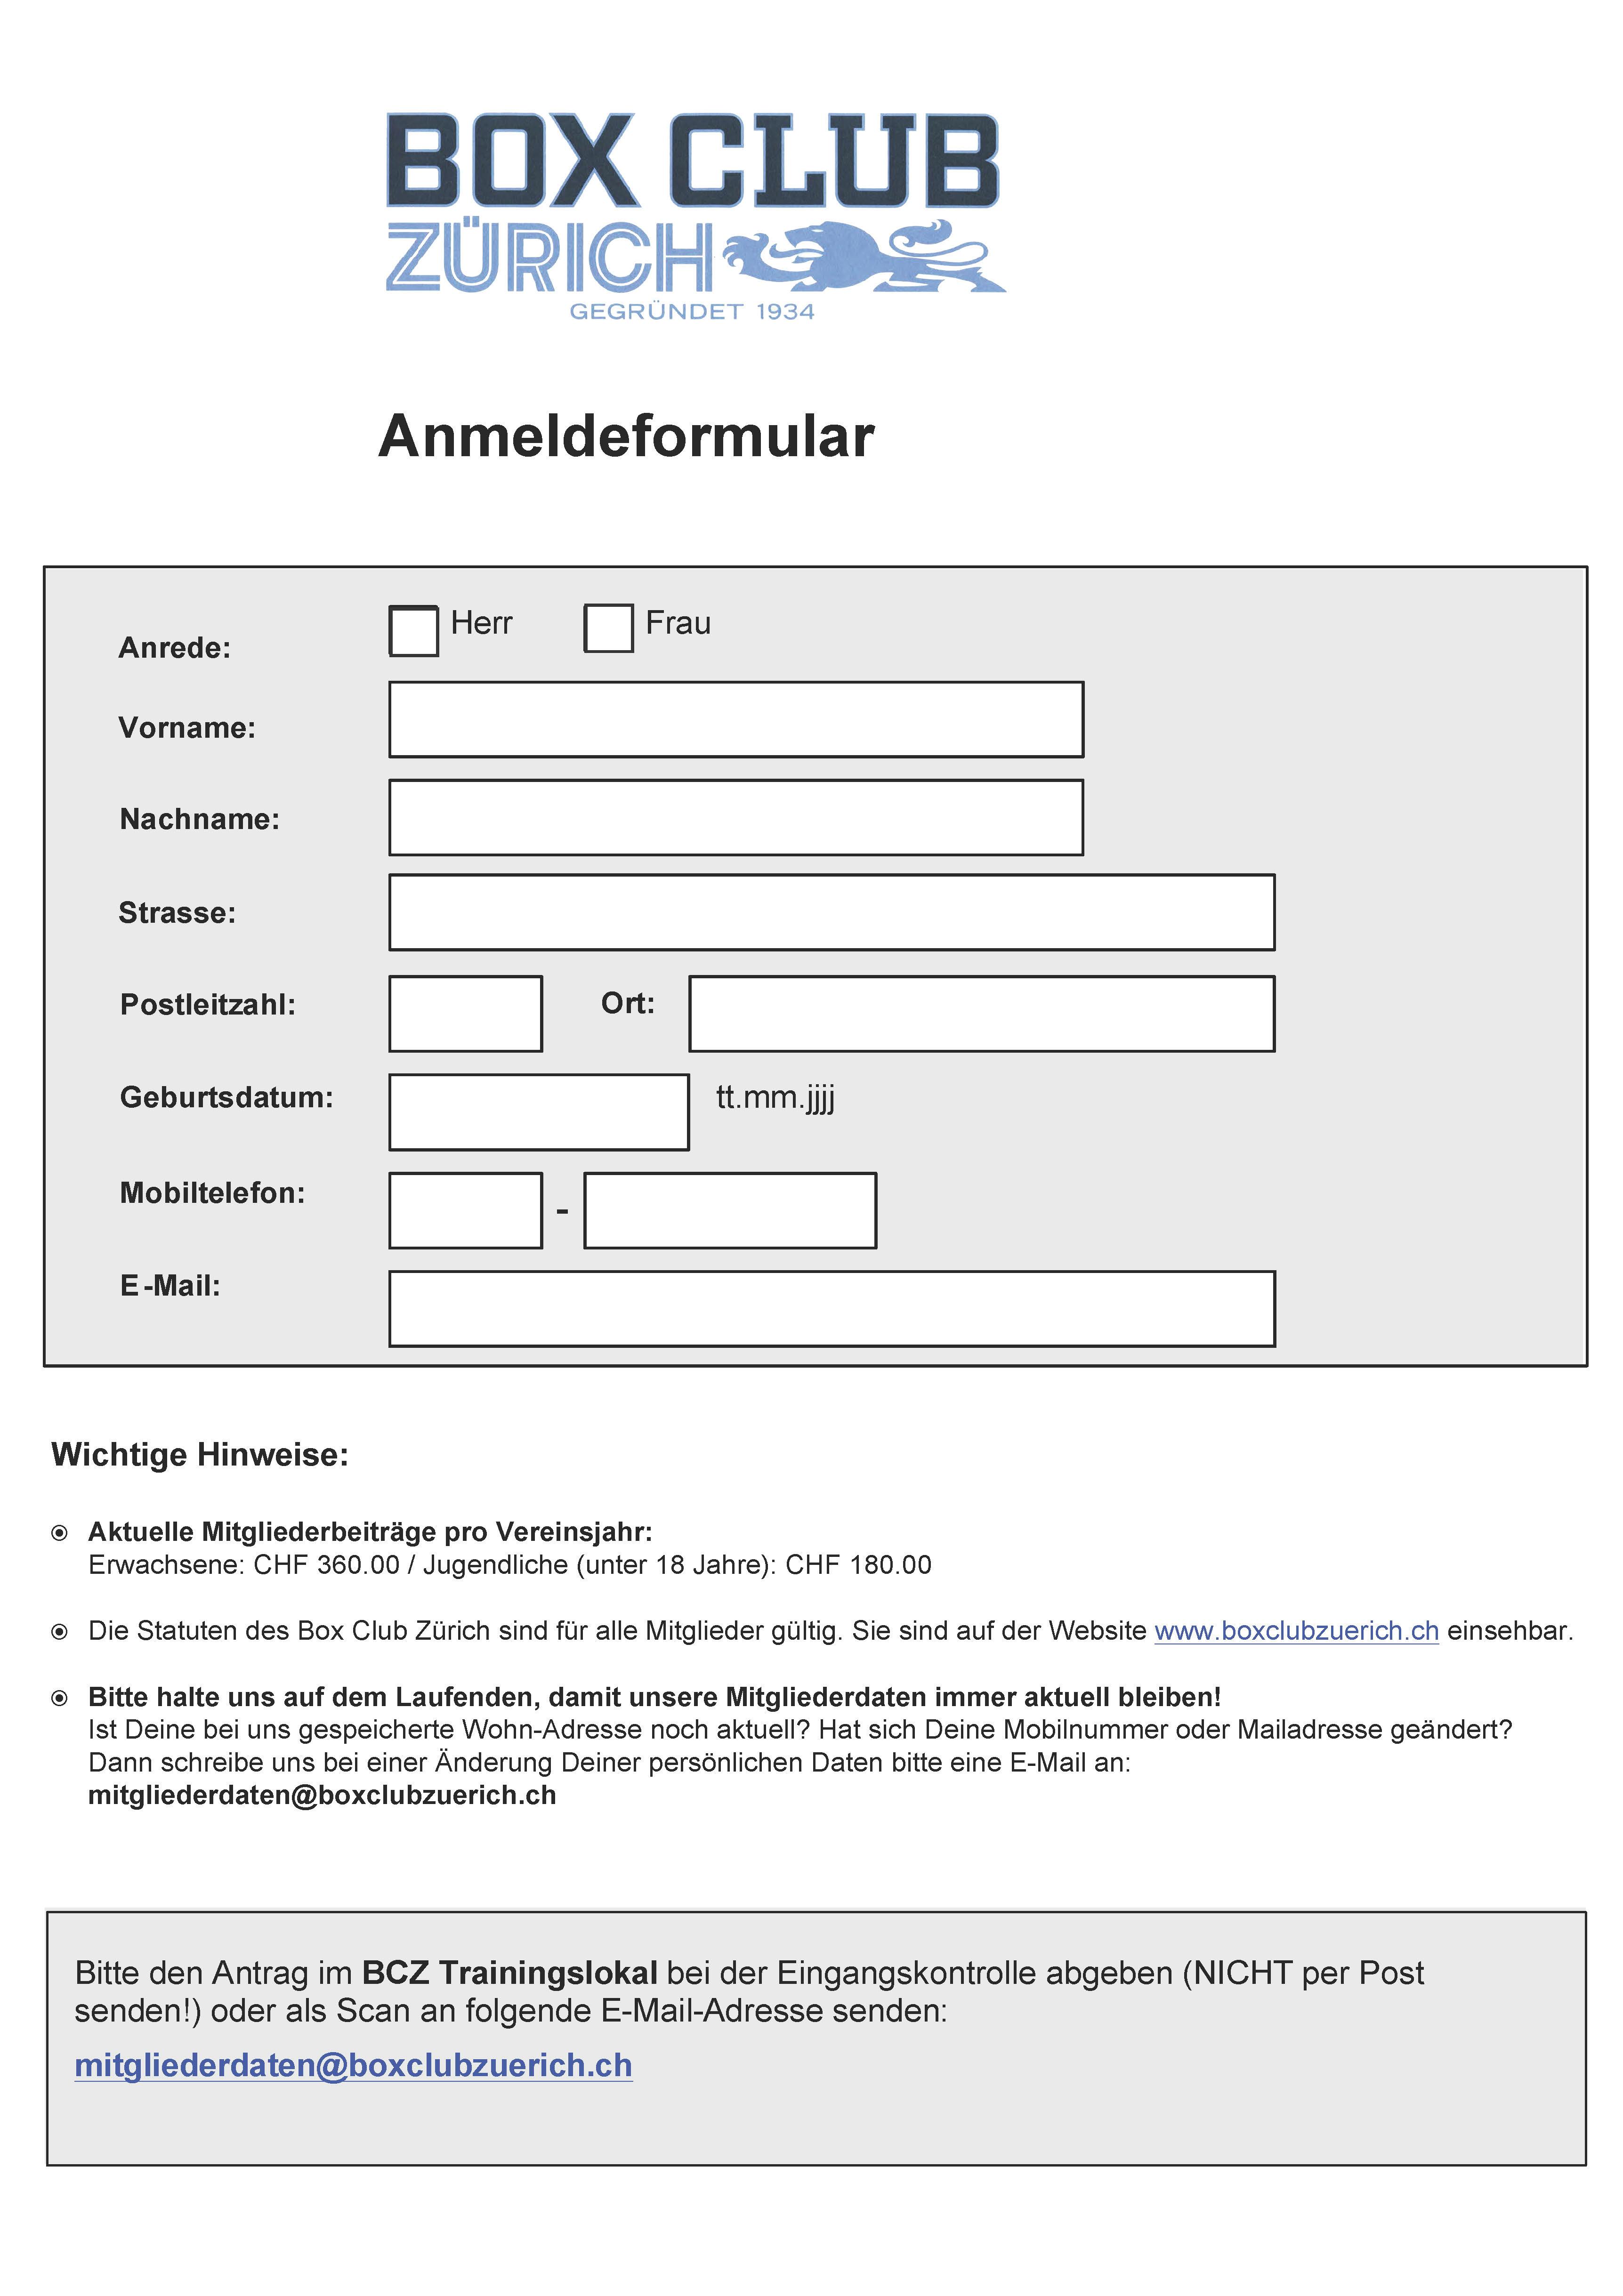 Box Club Zürich » ANMELDEFORMULAR